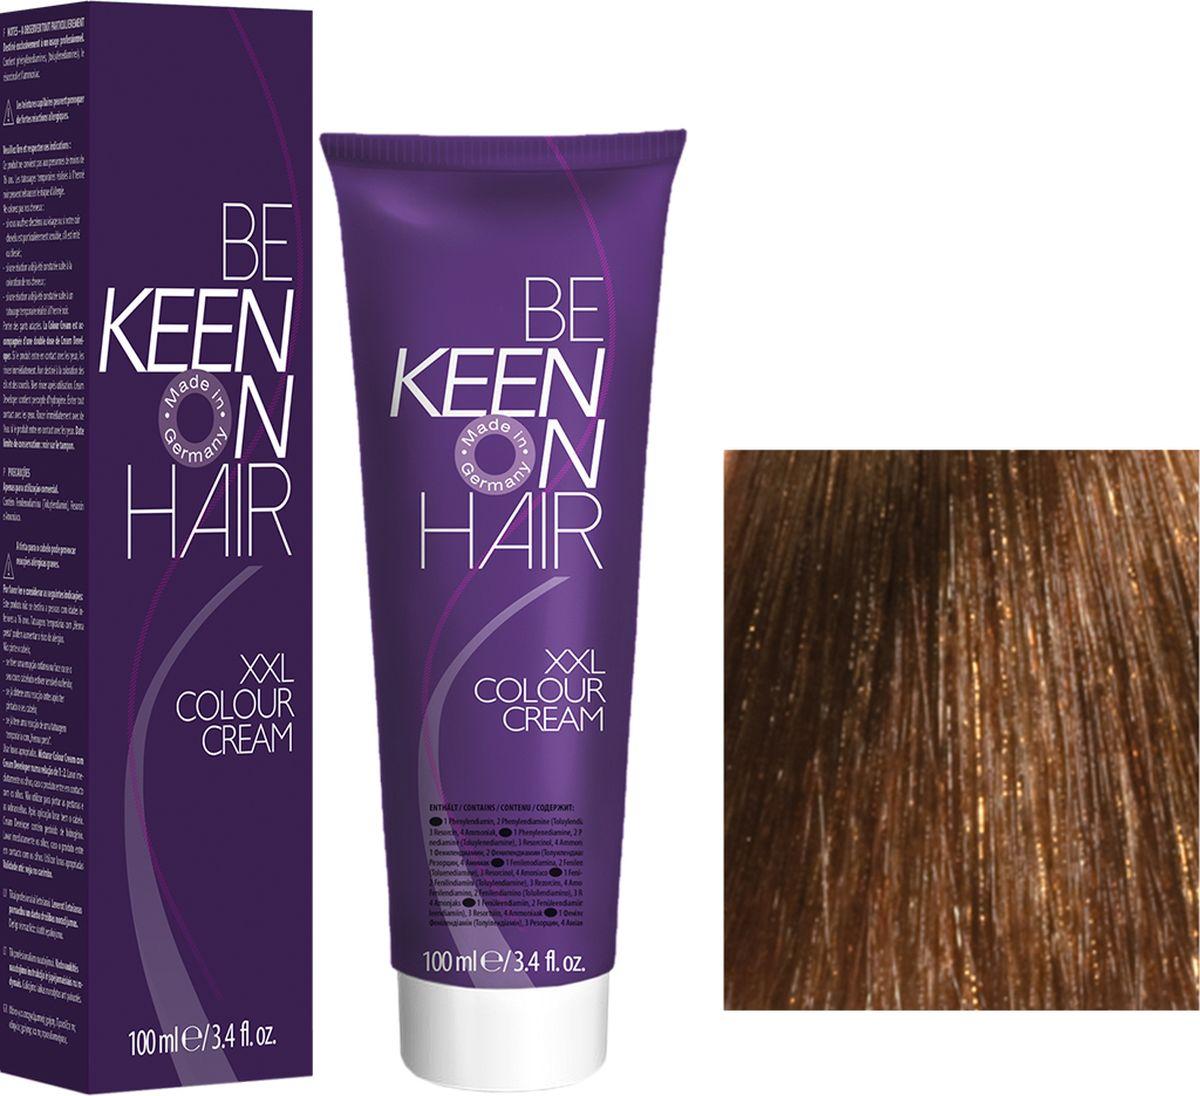 Keen Краска для волос 7.73 Гвоздика Nelke, 100 мл69100067Модные оттенкиБолее 100 оттенков для креативной комбинации цветов.ЭкономичностьПри использовании тюбика 100 мл вы получаете оптимальное соотношение цены и качества!УходМолочный белок поддерживает структуру волоса во время окрашивания и придает волосам блеск и шелковистость. Протеины хорошо встраиваются в волосы и снабжают их влагой.